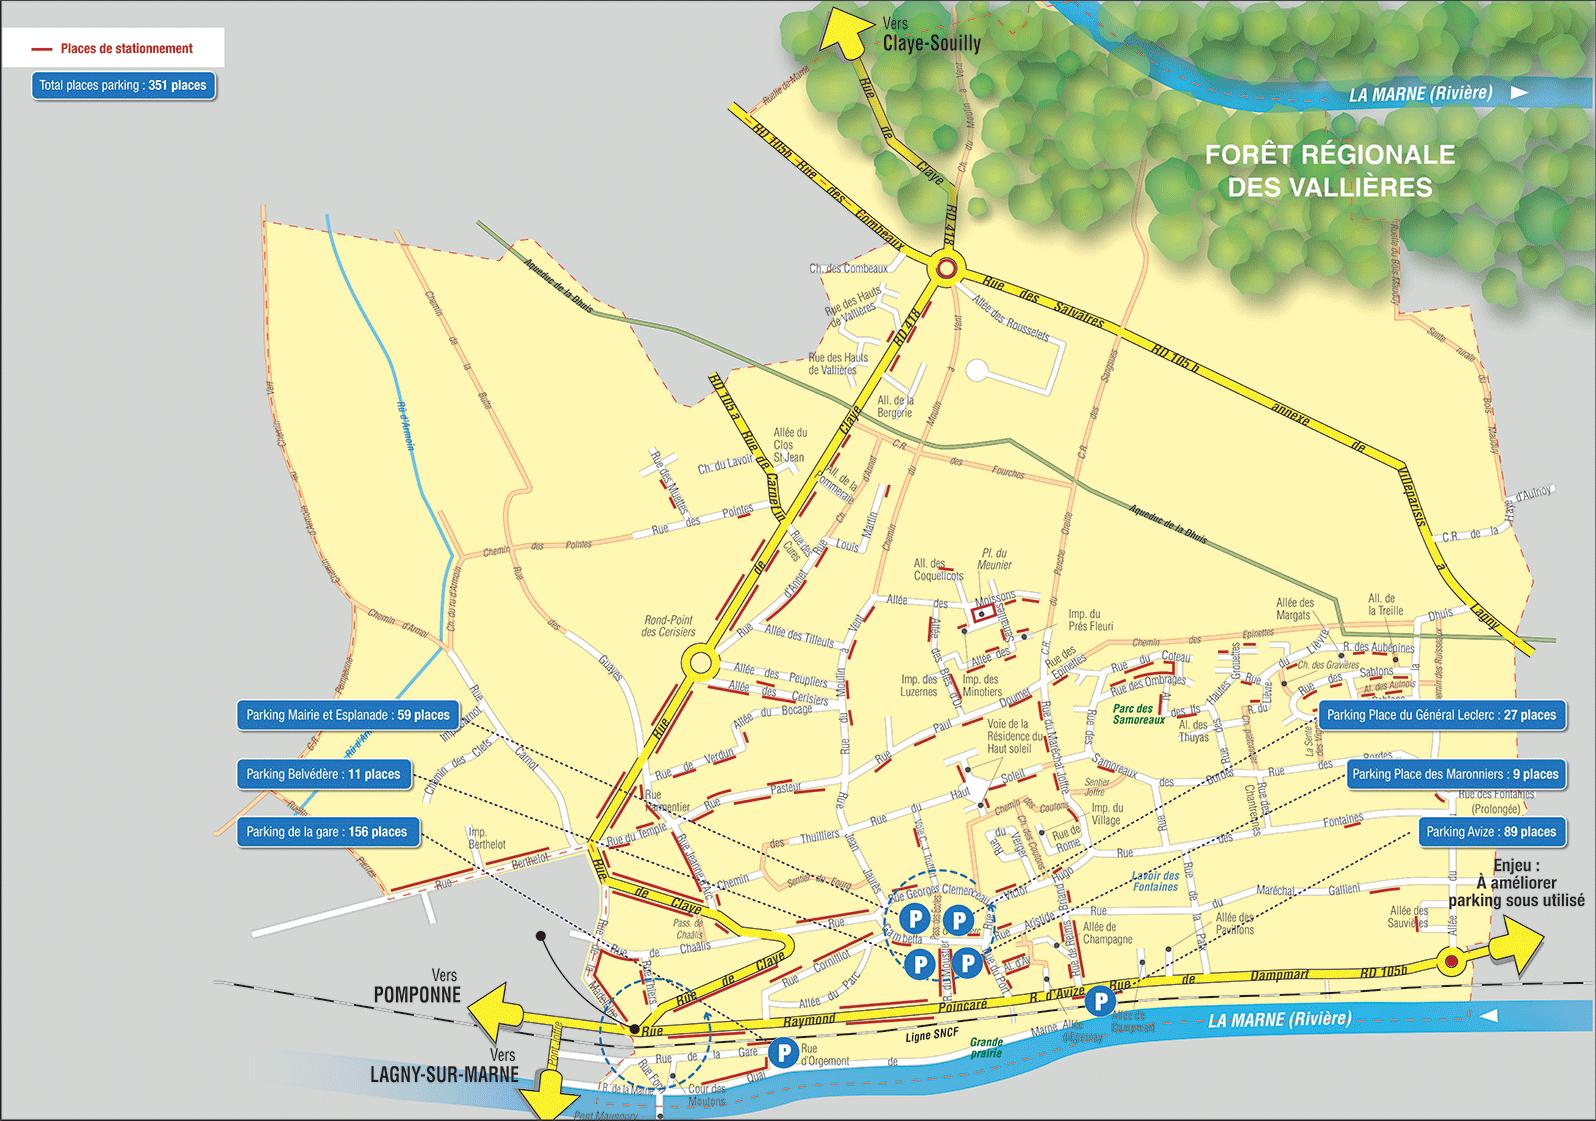 Carte de stationnement et circulation